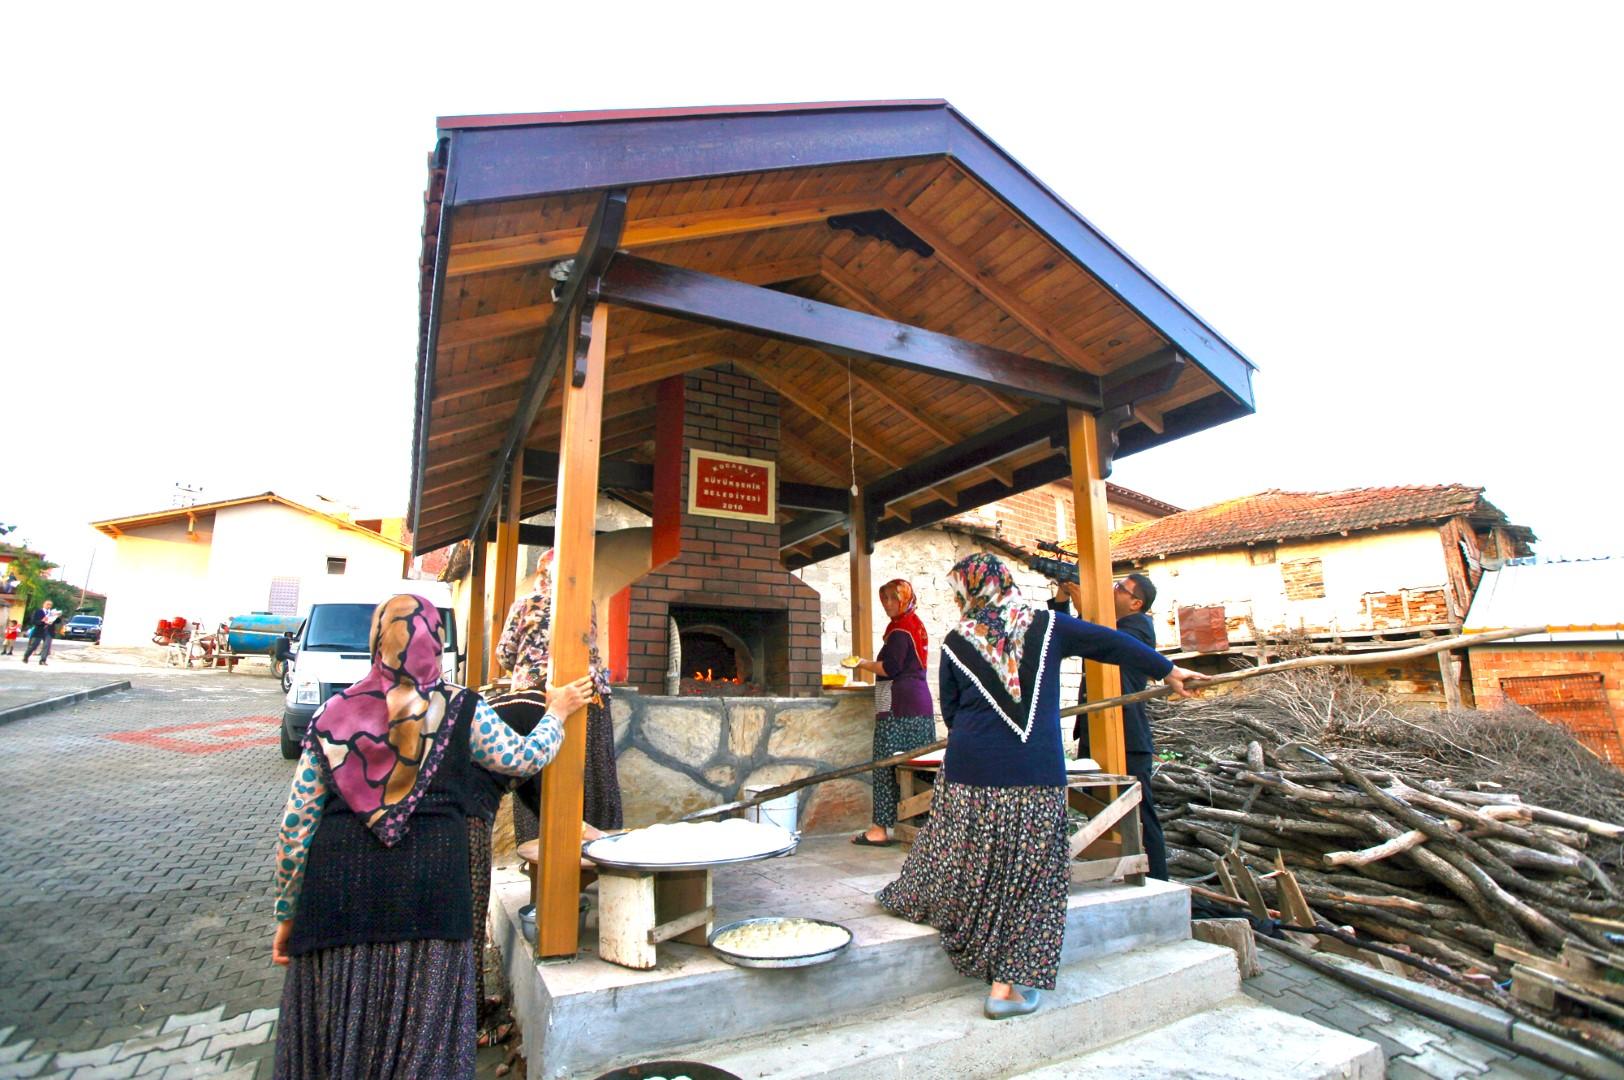 441 köy fırını yapıldı